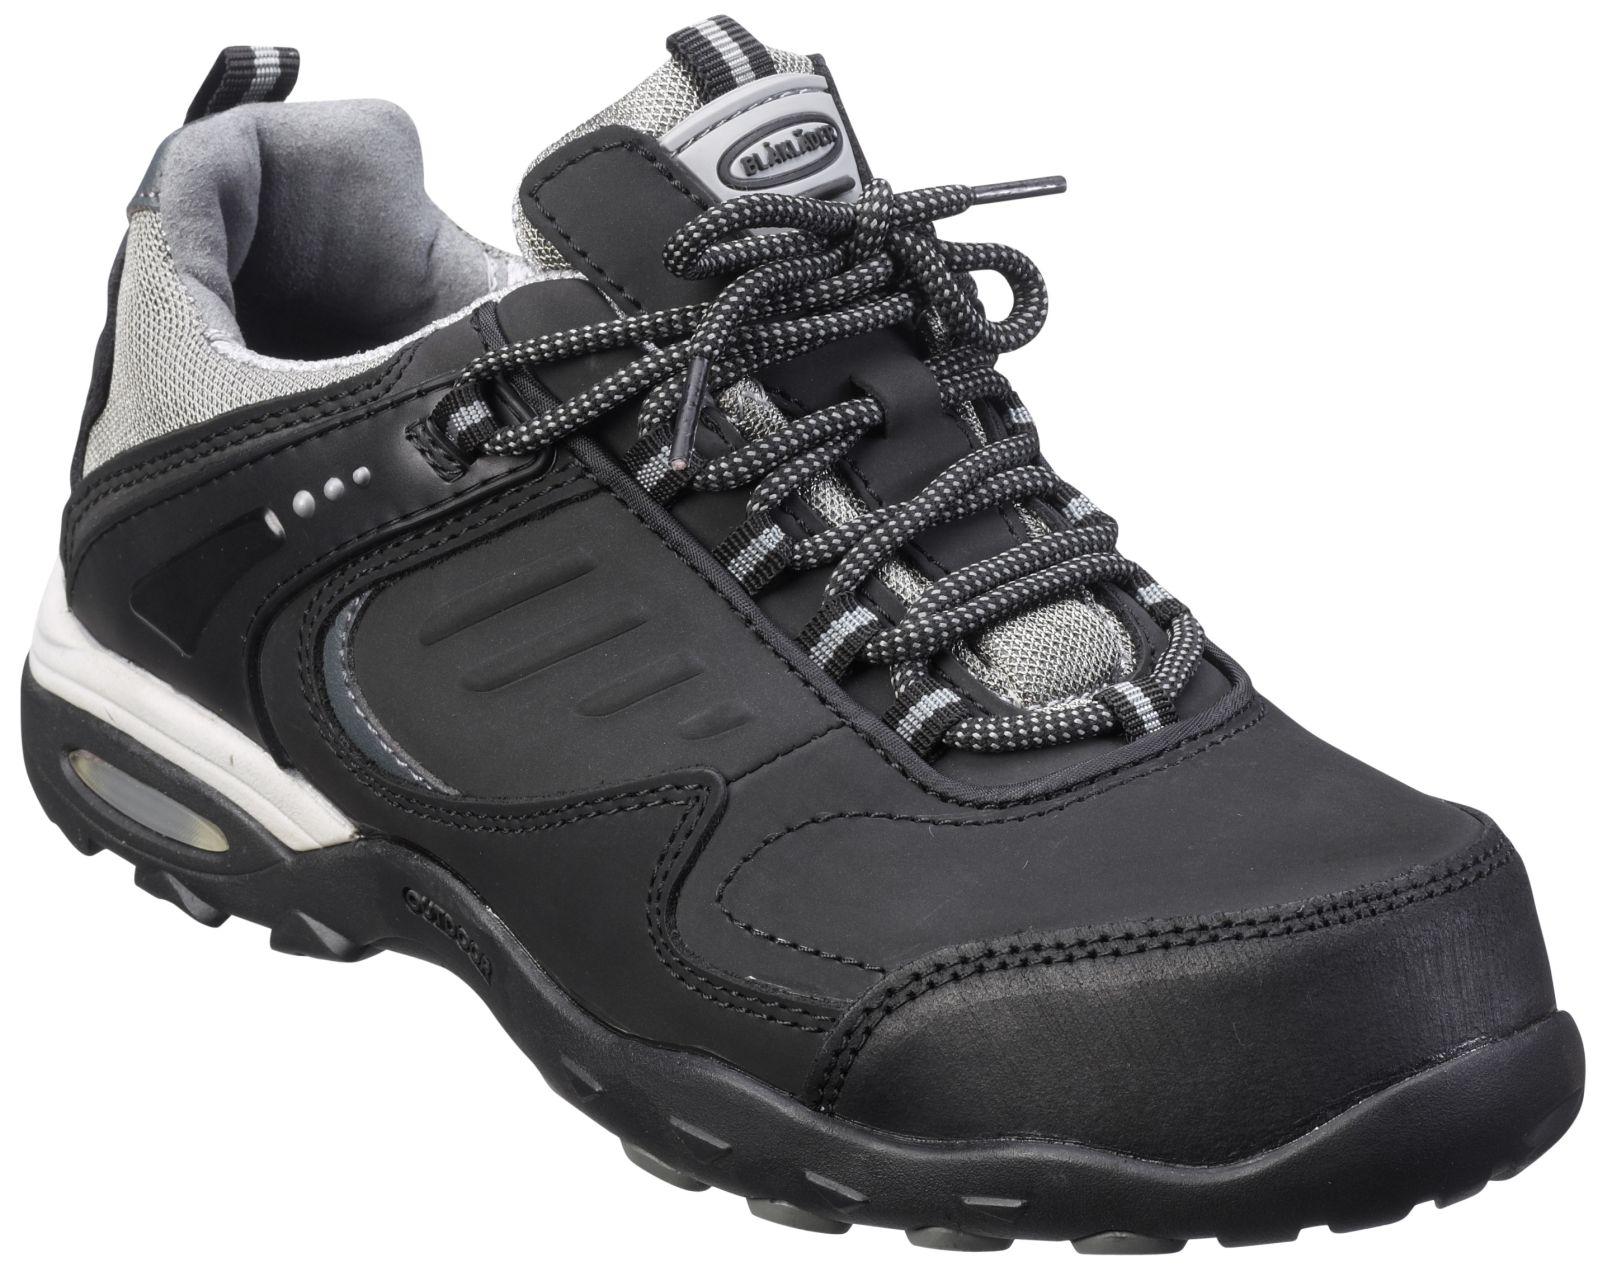 Blaklader Veiligheidsschoenen 24293907 zwart-grijs(9990)